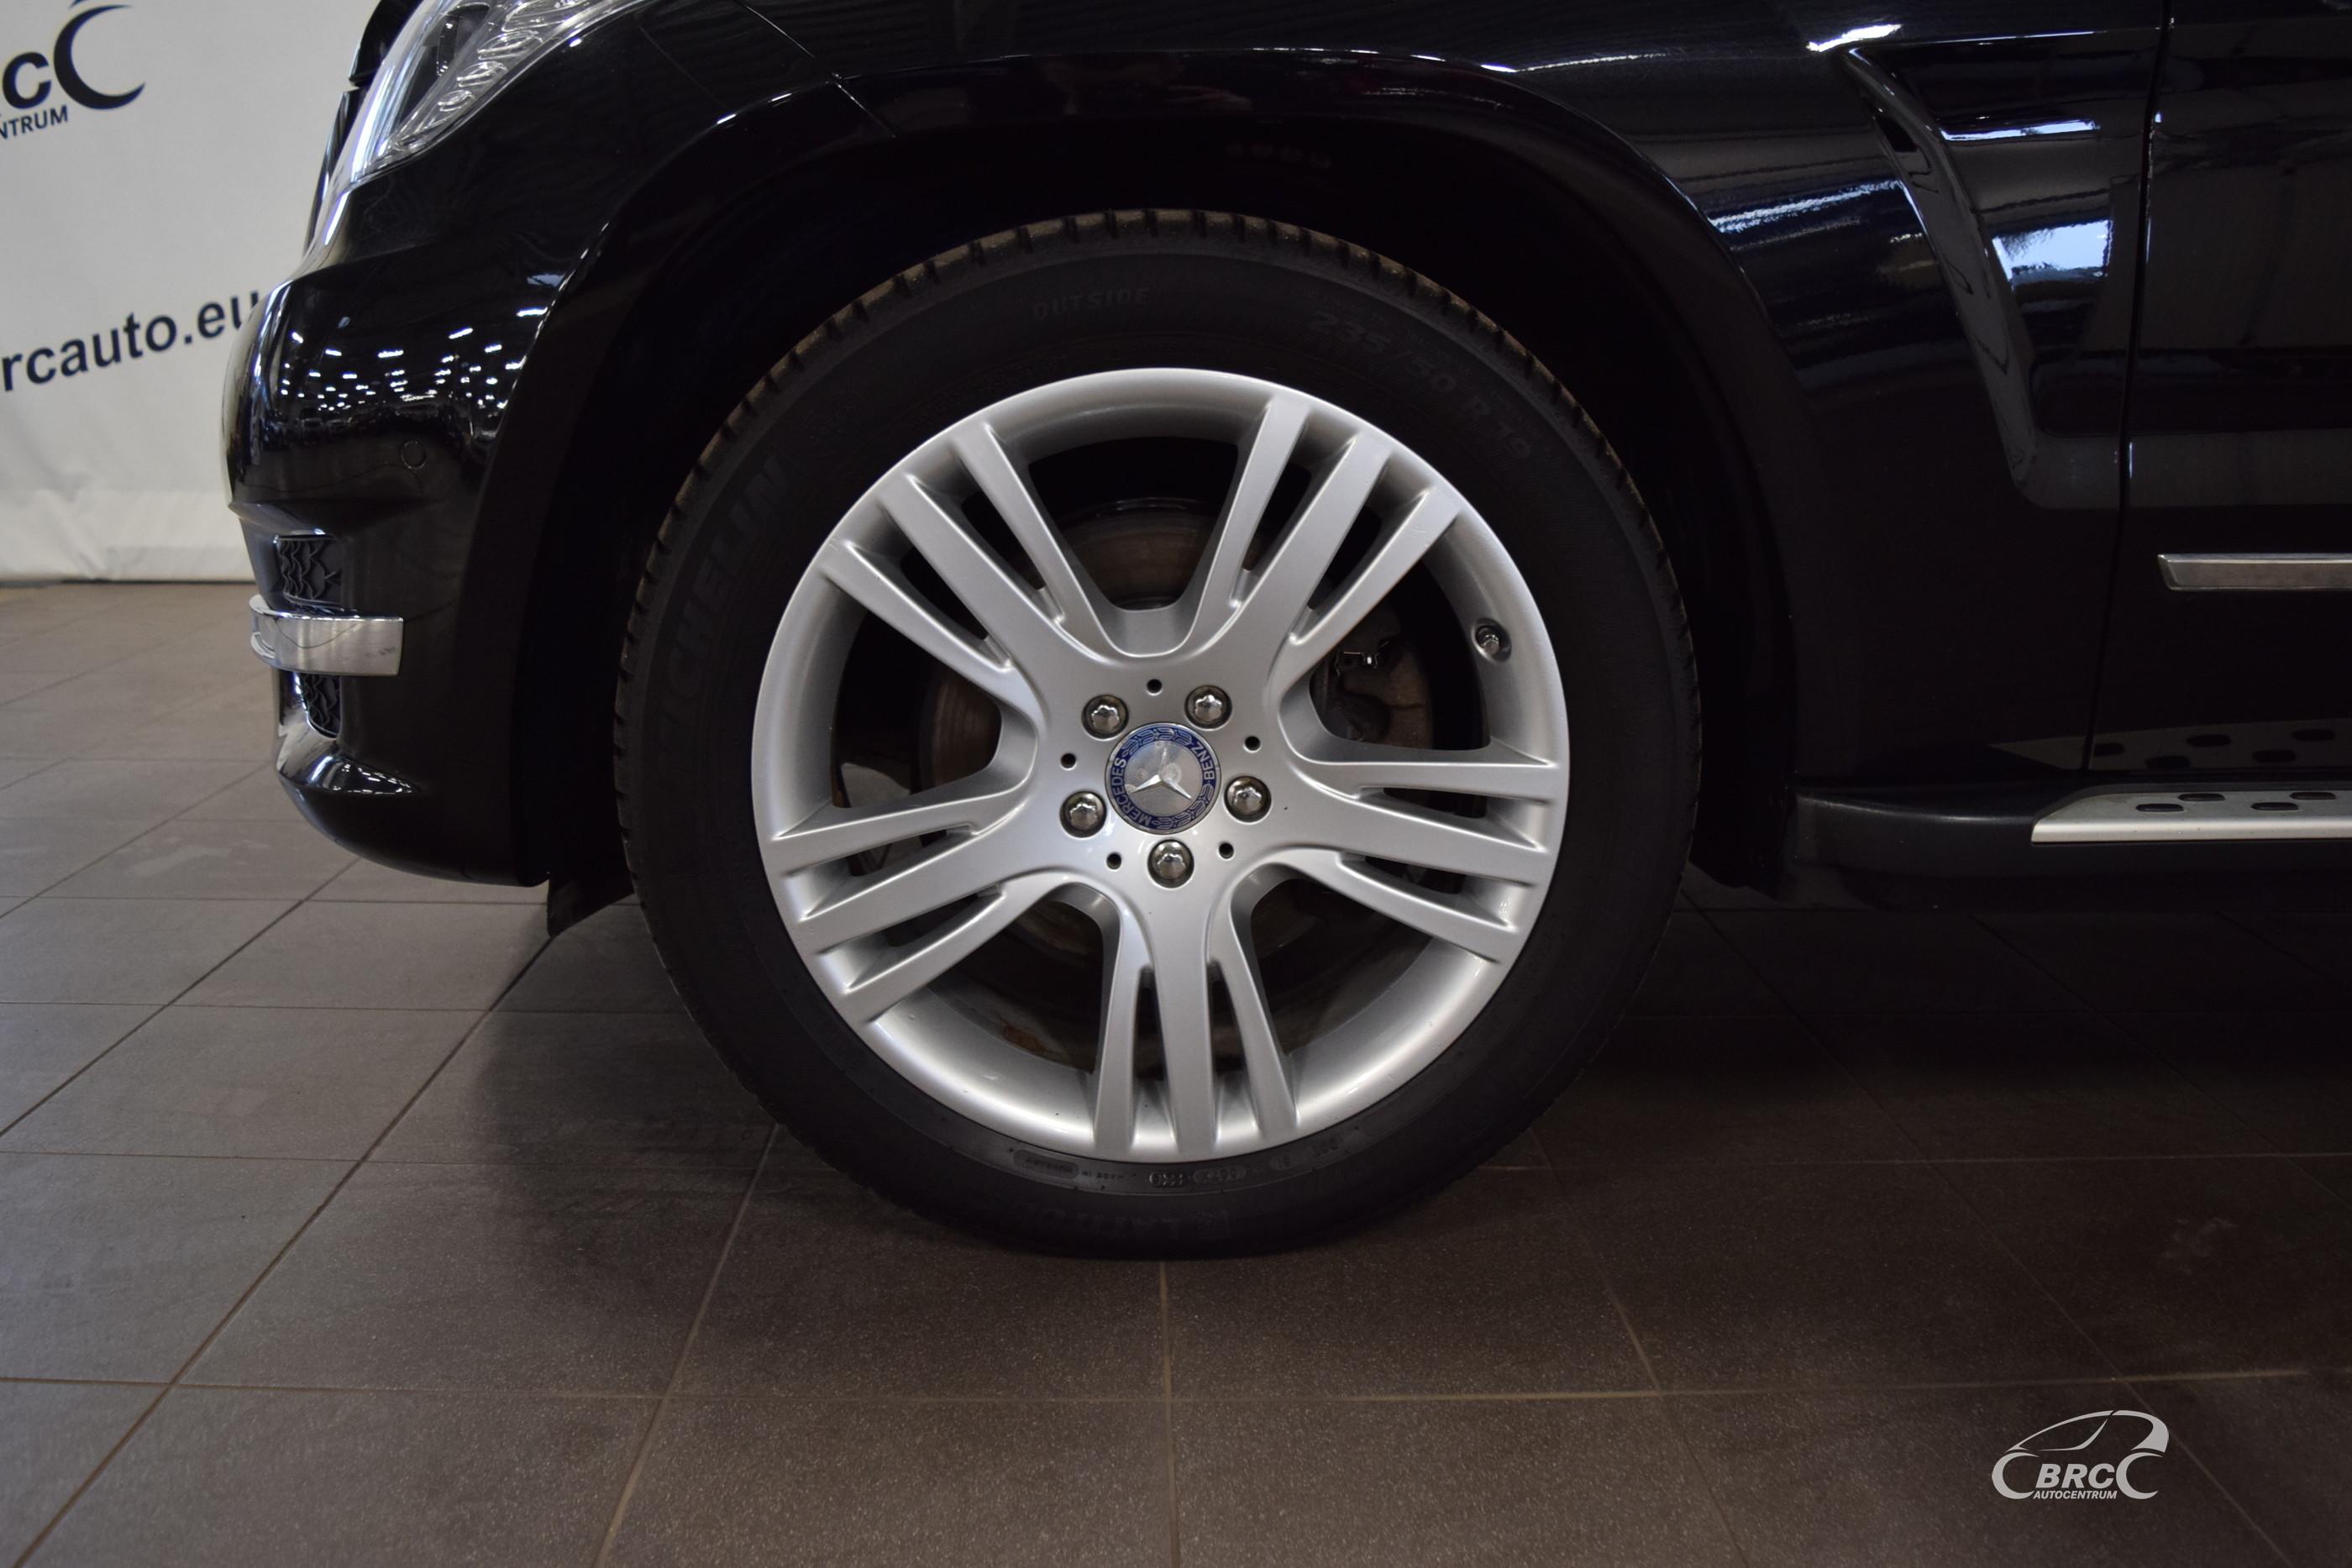 Mercedes-Benz GLK 220 CDi 4Matic